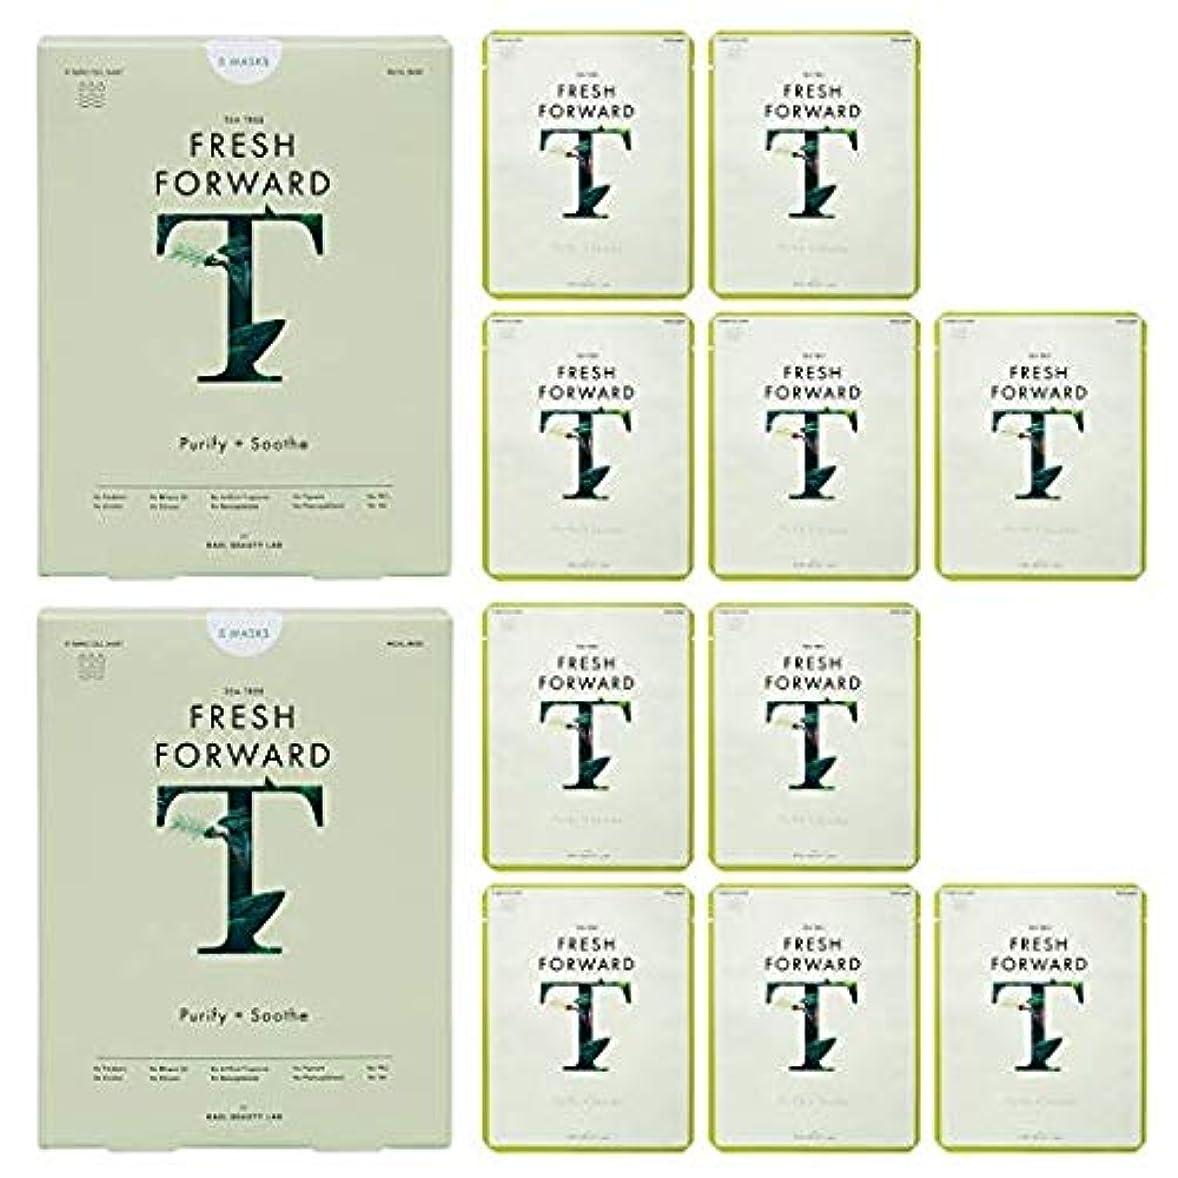 キャンパスに負けるアートRael ティーツリー フェイスマスクパック5個入 x 2 (10個) [並行輸入品]